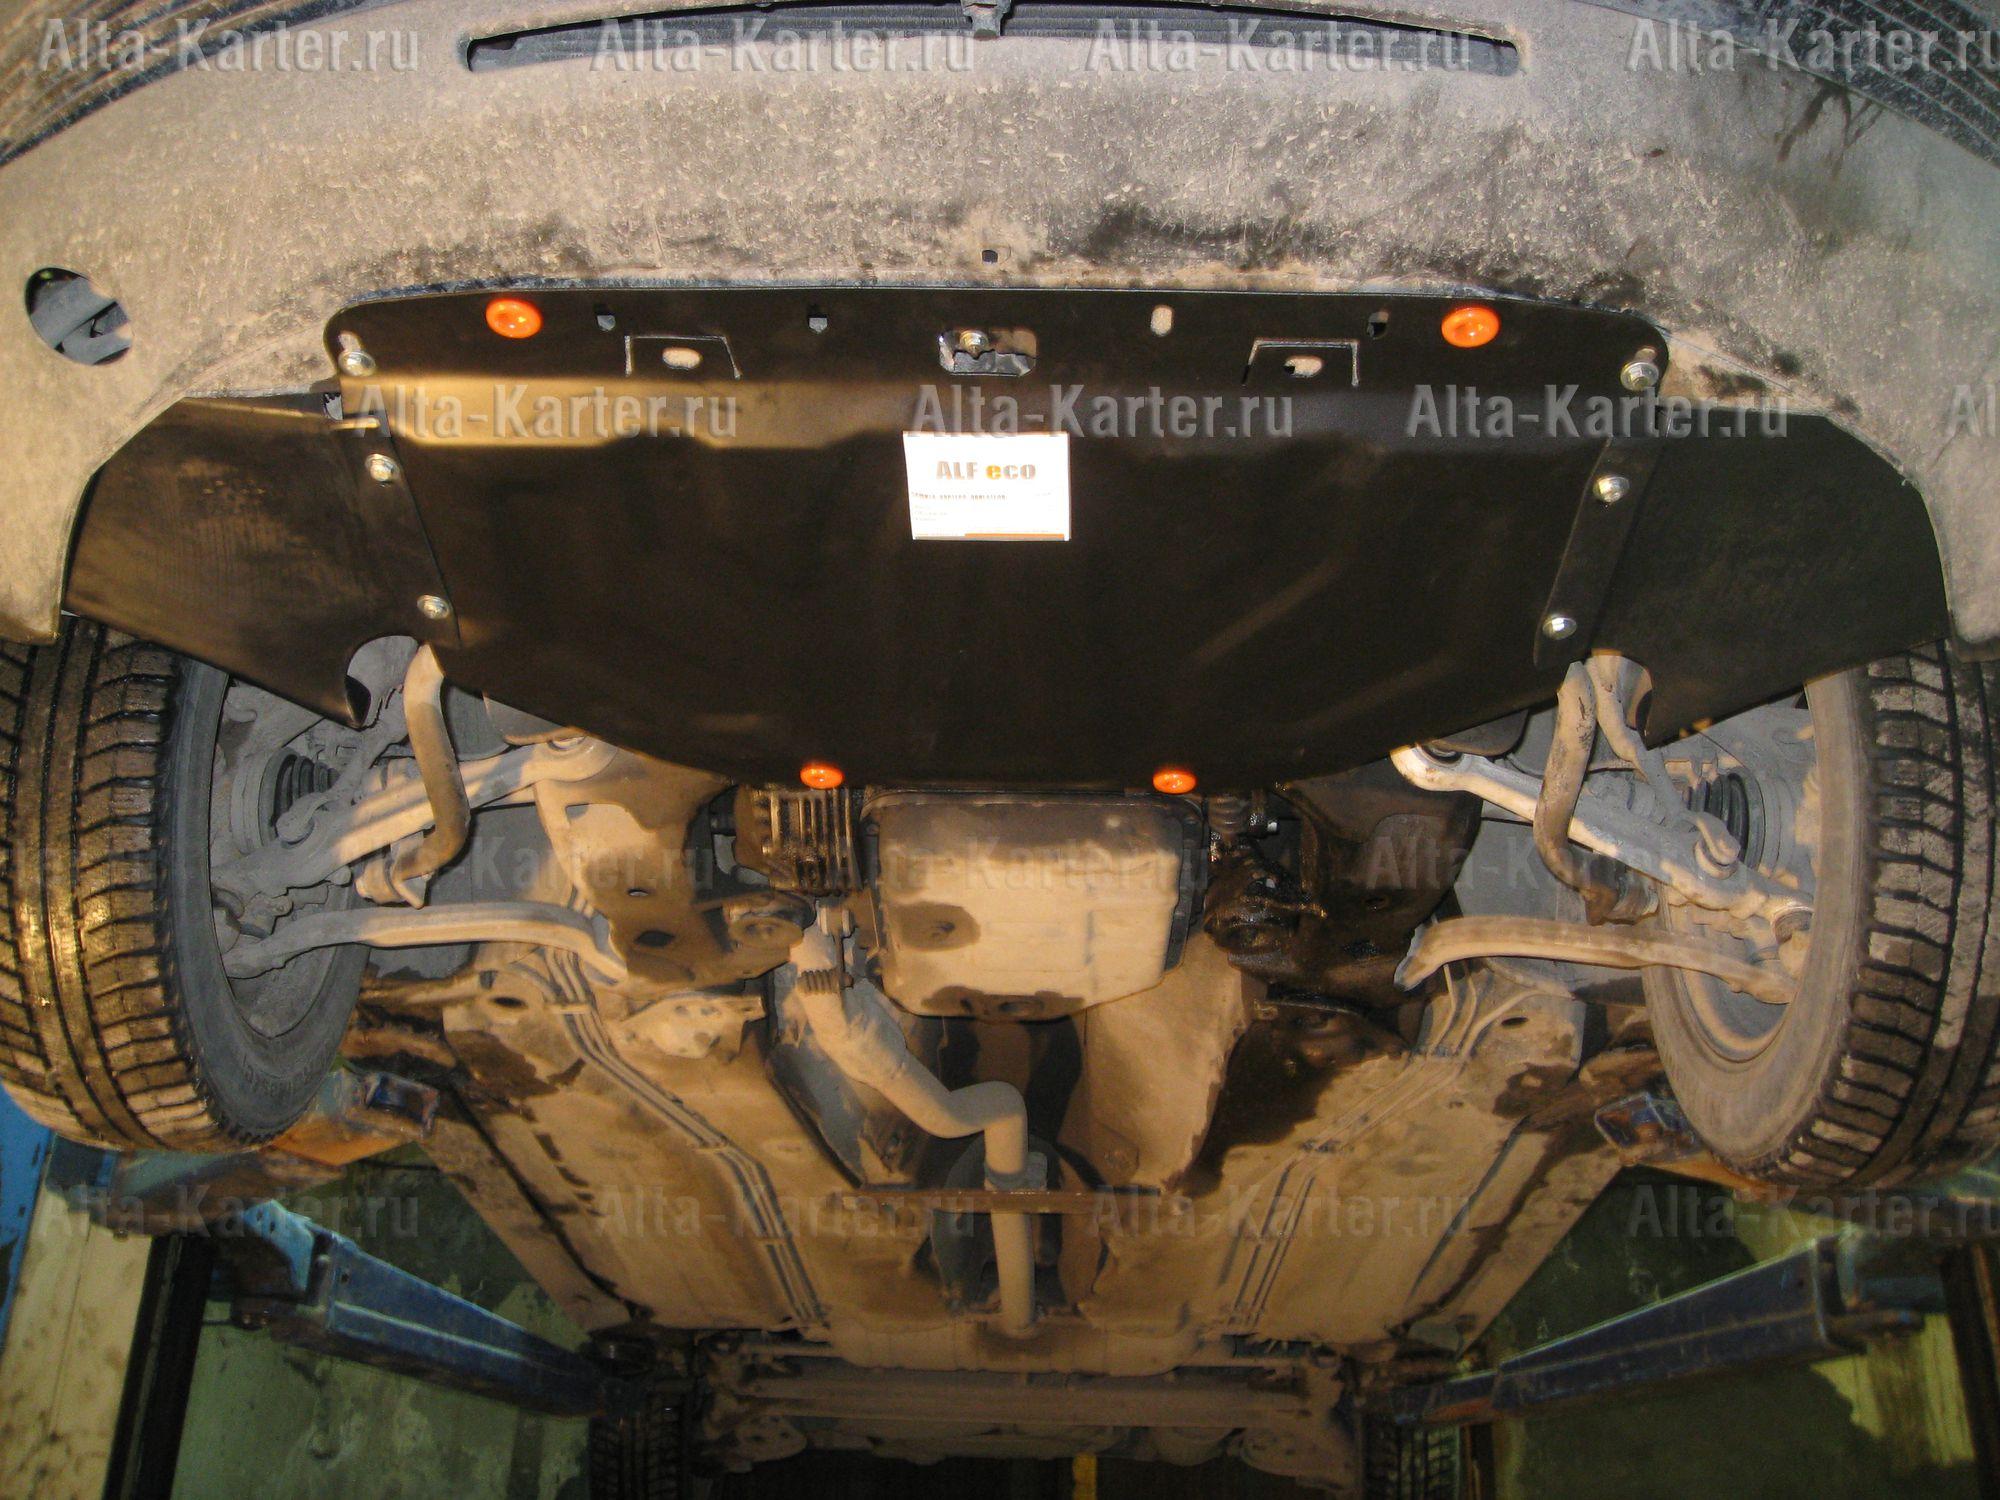 Защита Alfeco для картера Audi A4 B5, B6 1994-2006. Артикул ALF.26.08 st